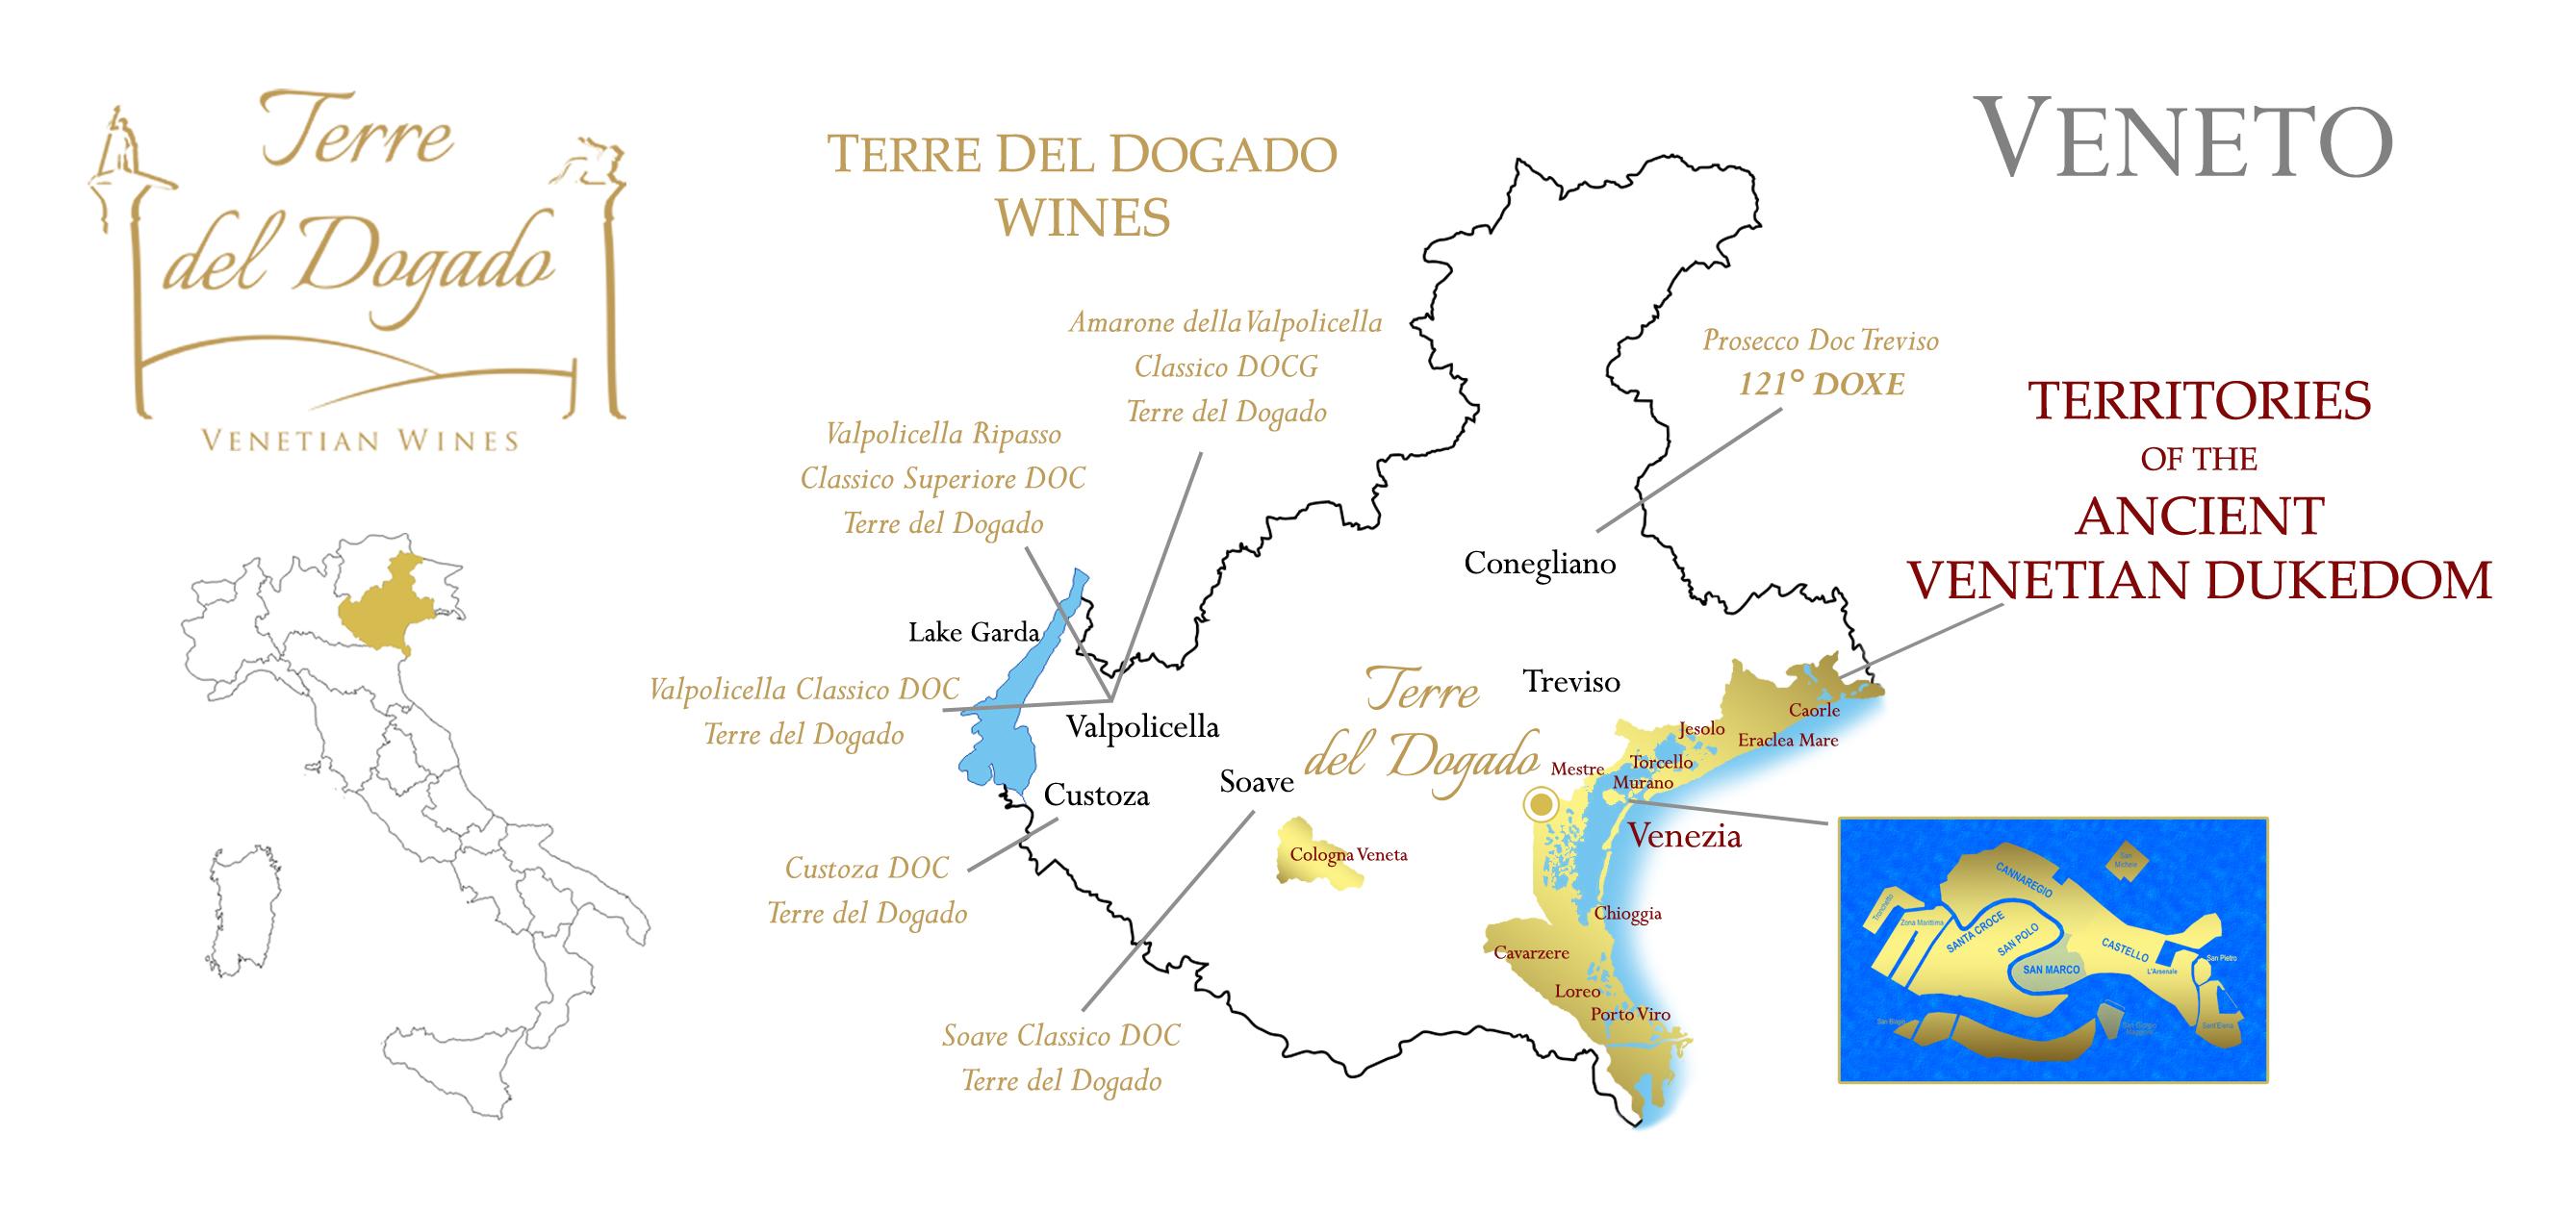 Cartina Veneto Mare.The Territory Of Our Wines Terre Del Dogado